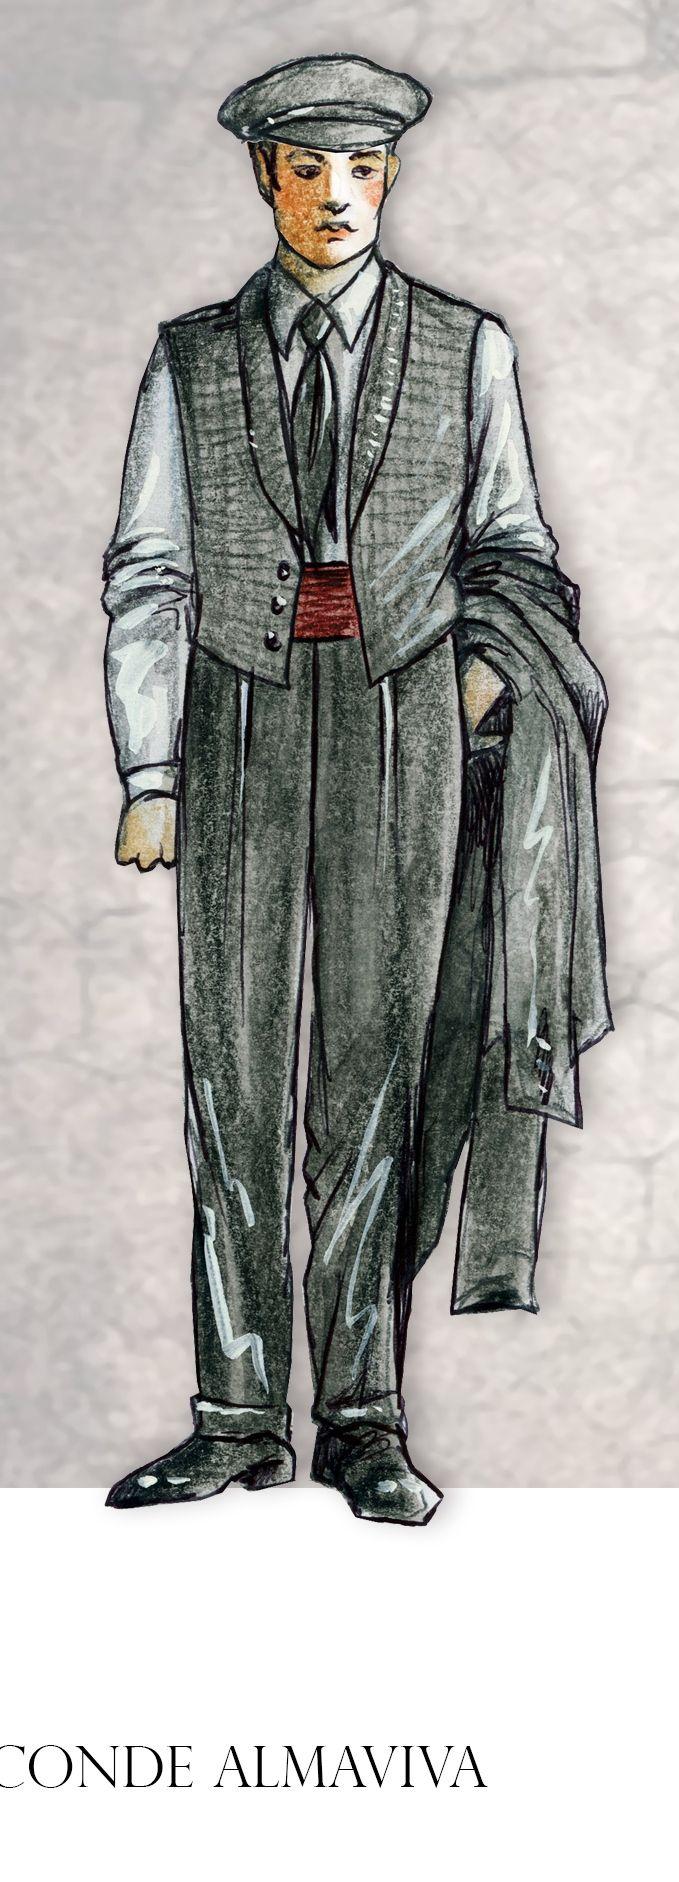 Personaje, Conde Almaviva de El Barbero de Sevilla